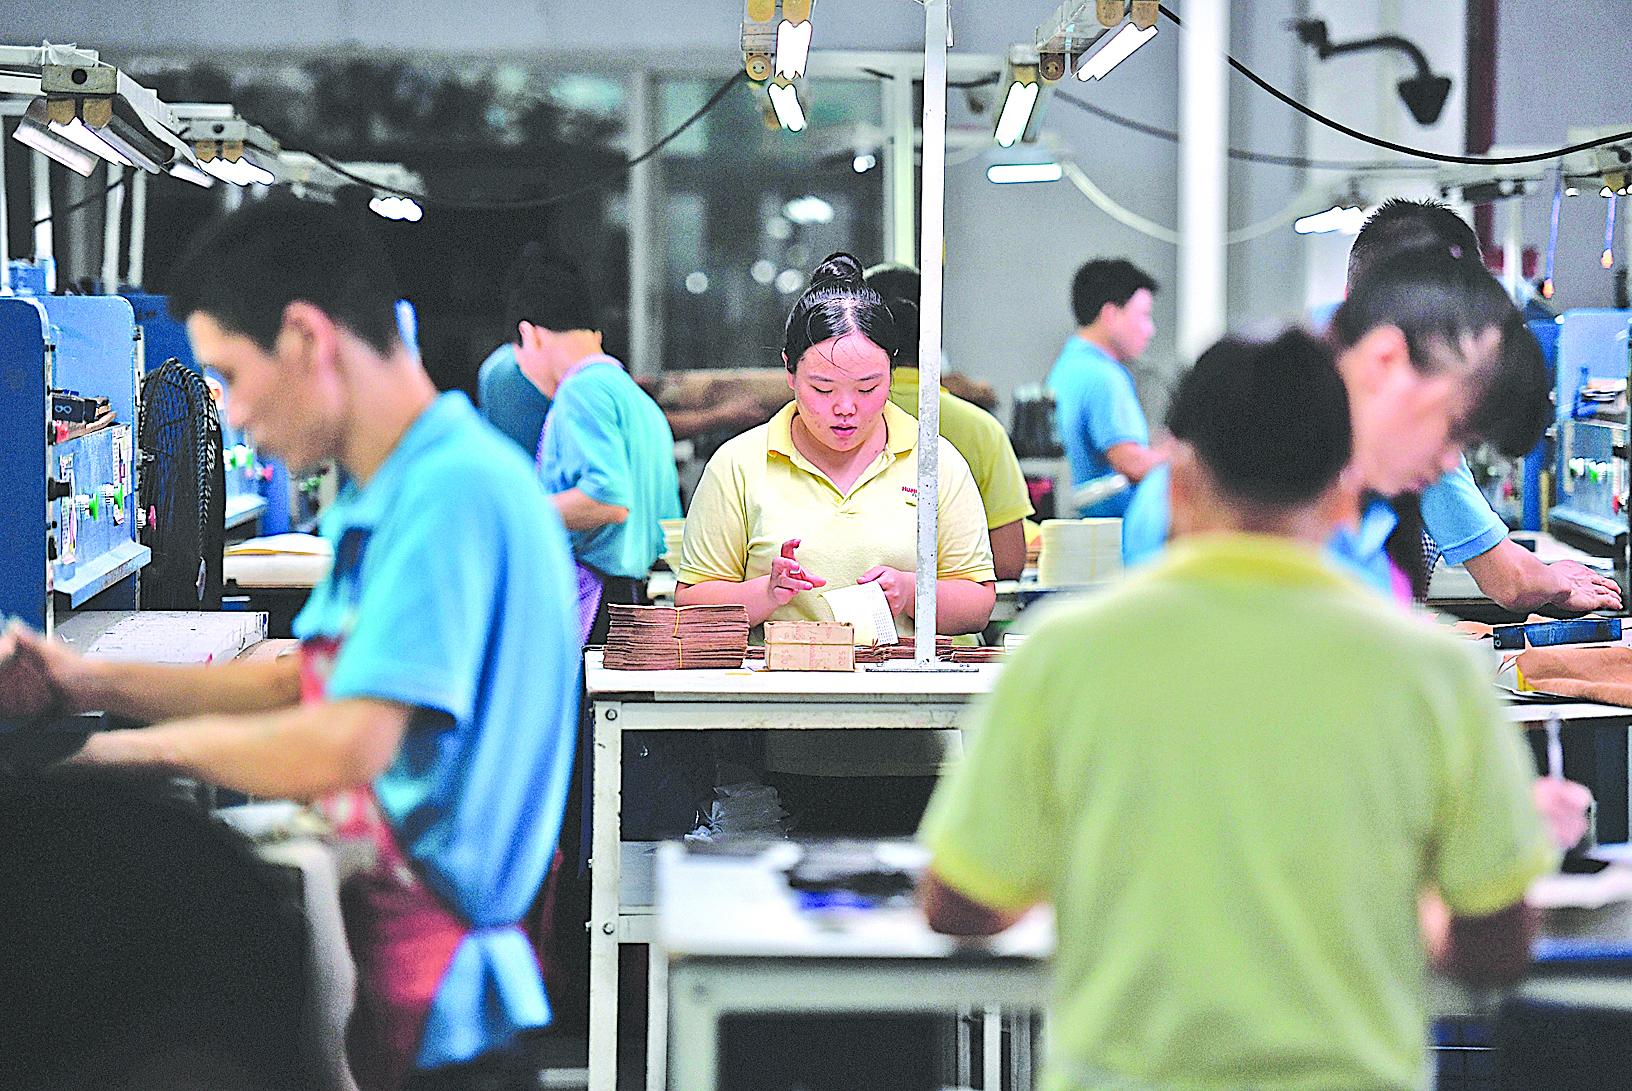 近來中國經營環境惡化,台商的中國夢碎,紛紛撤資,以廣東為例,早已出現「逃命潮」。(AFP)